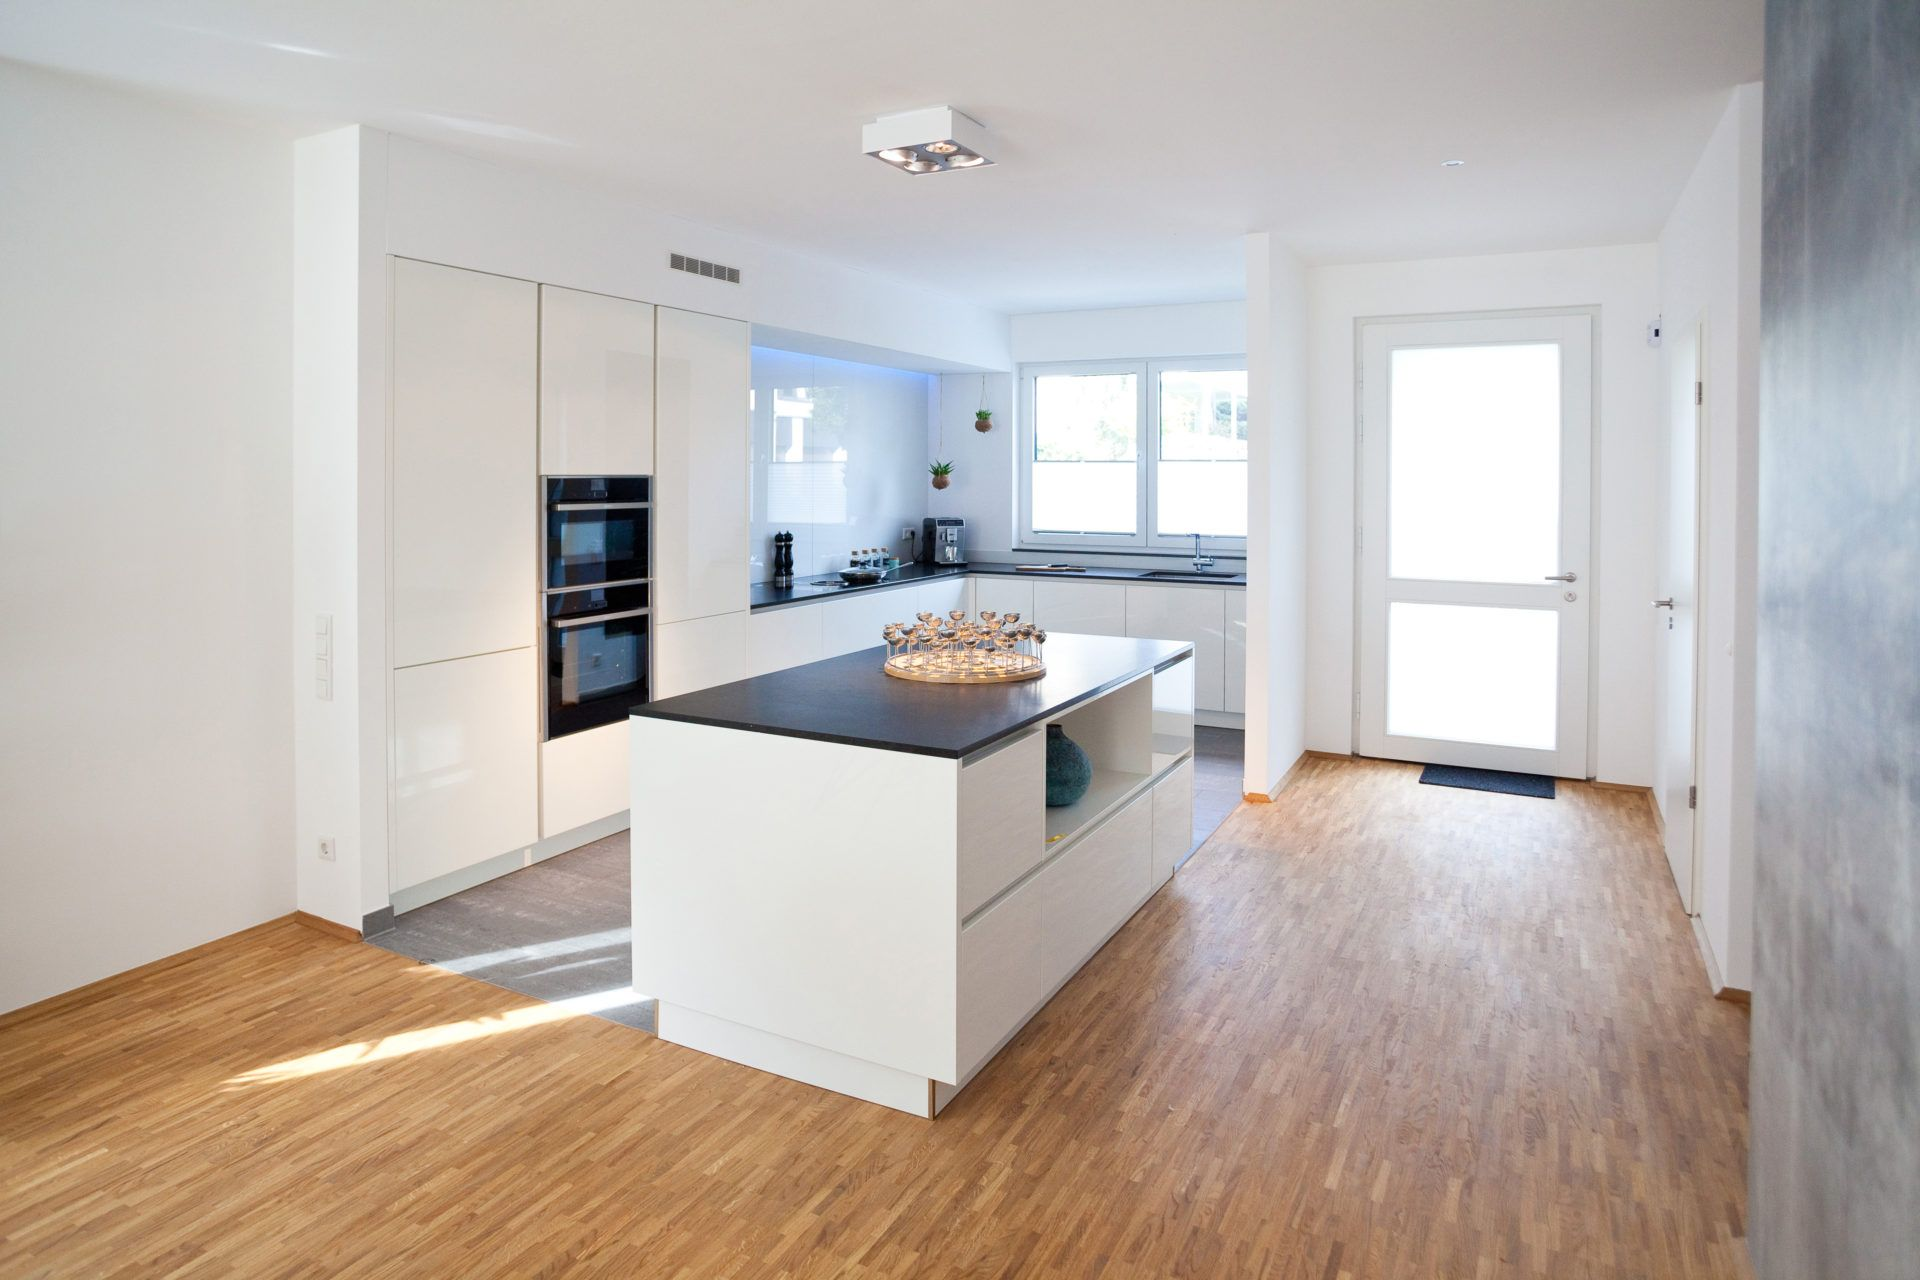 k chen kaufen bonn gebrauchte kche essen fabulous gebrauchte kchen kaufen. Black Bedroom Furniture Sets. Home Design Ideas